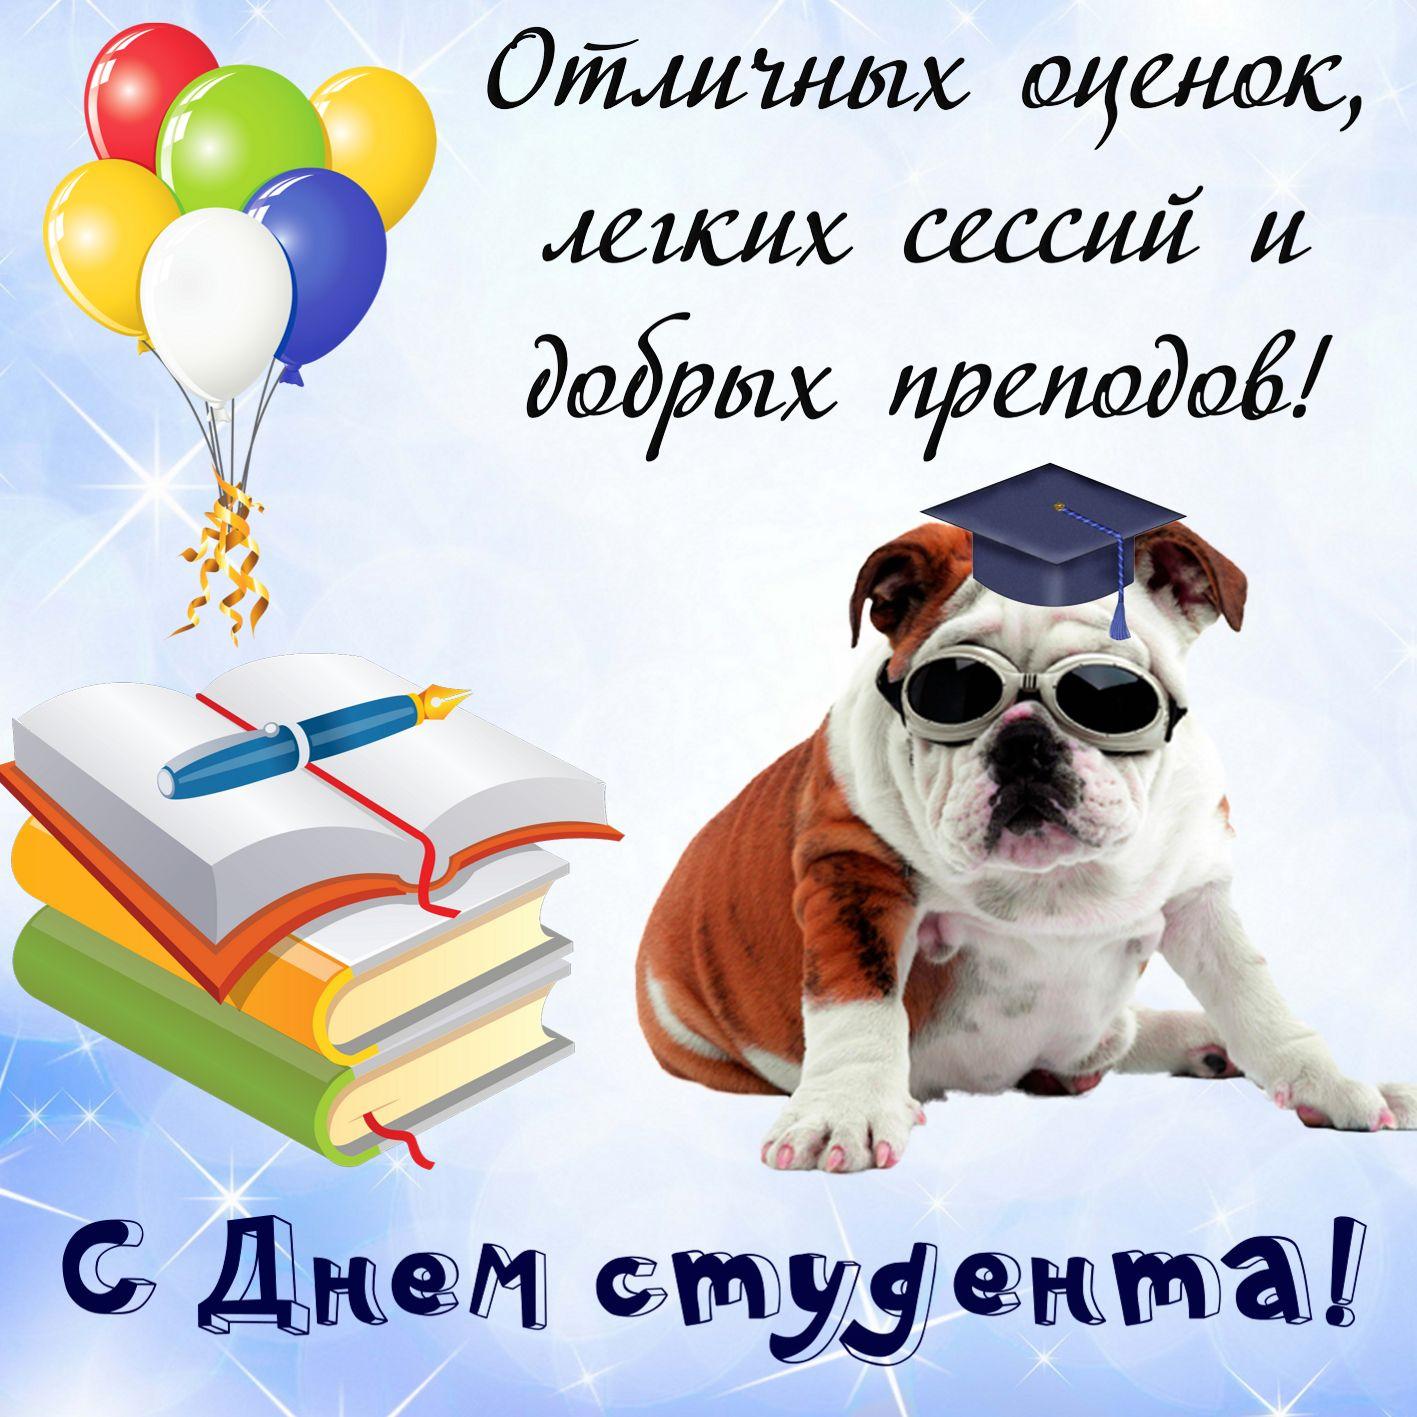 Умная собачка в очках и пожелание